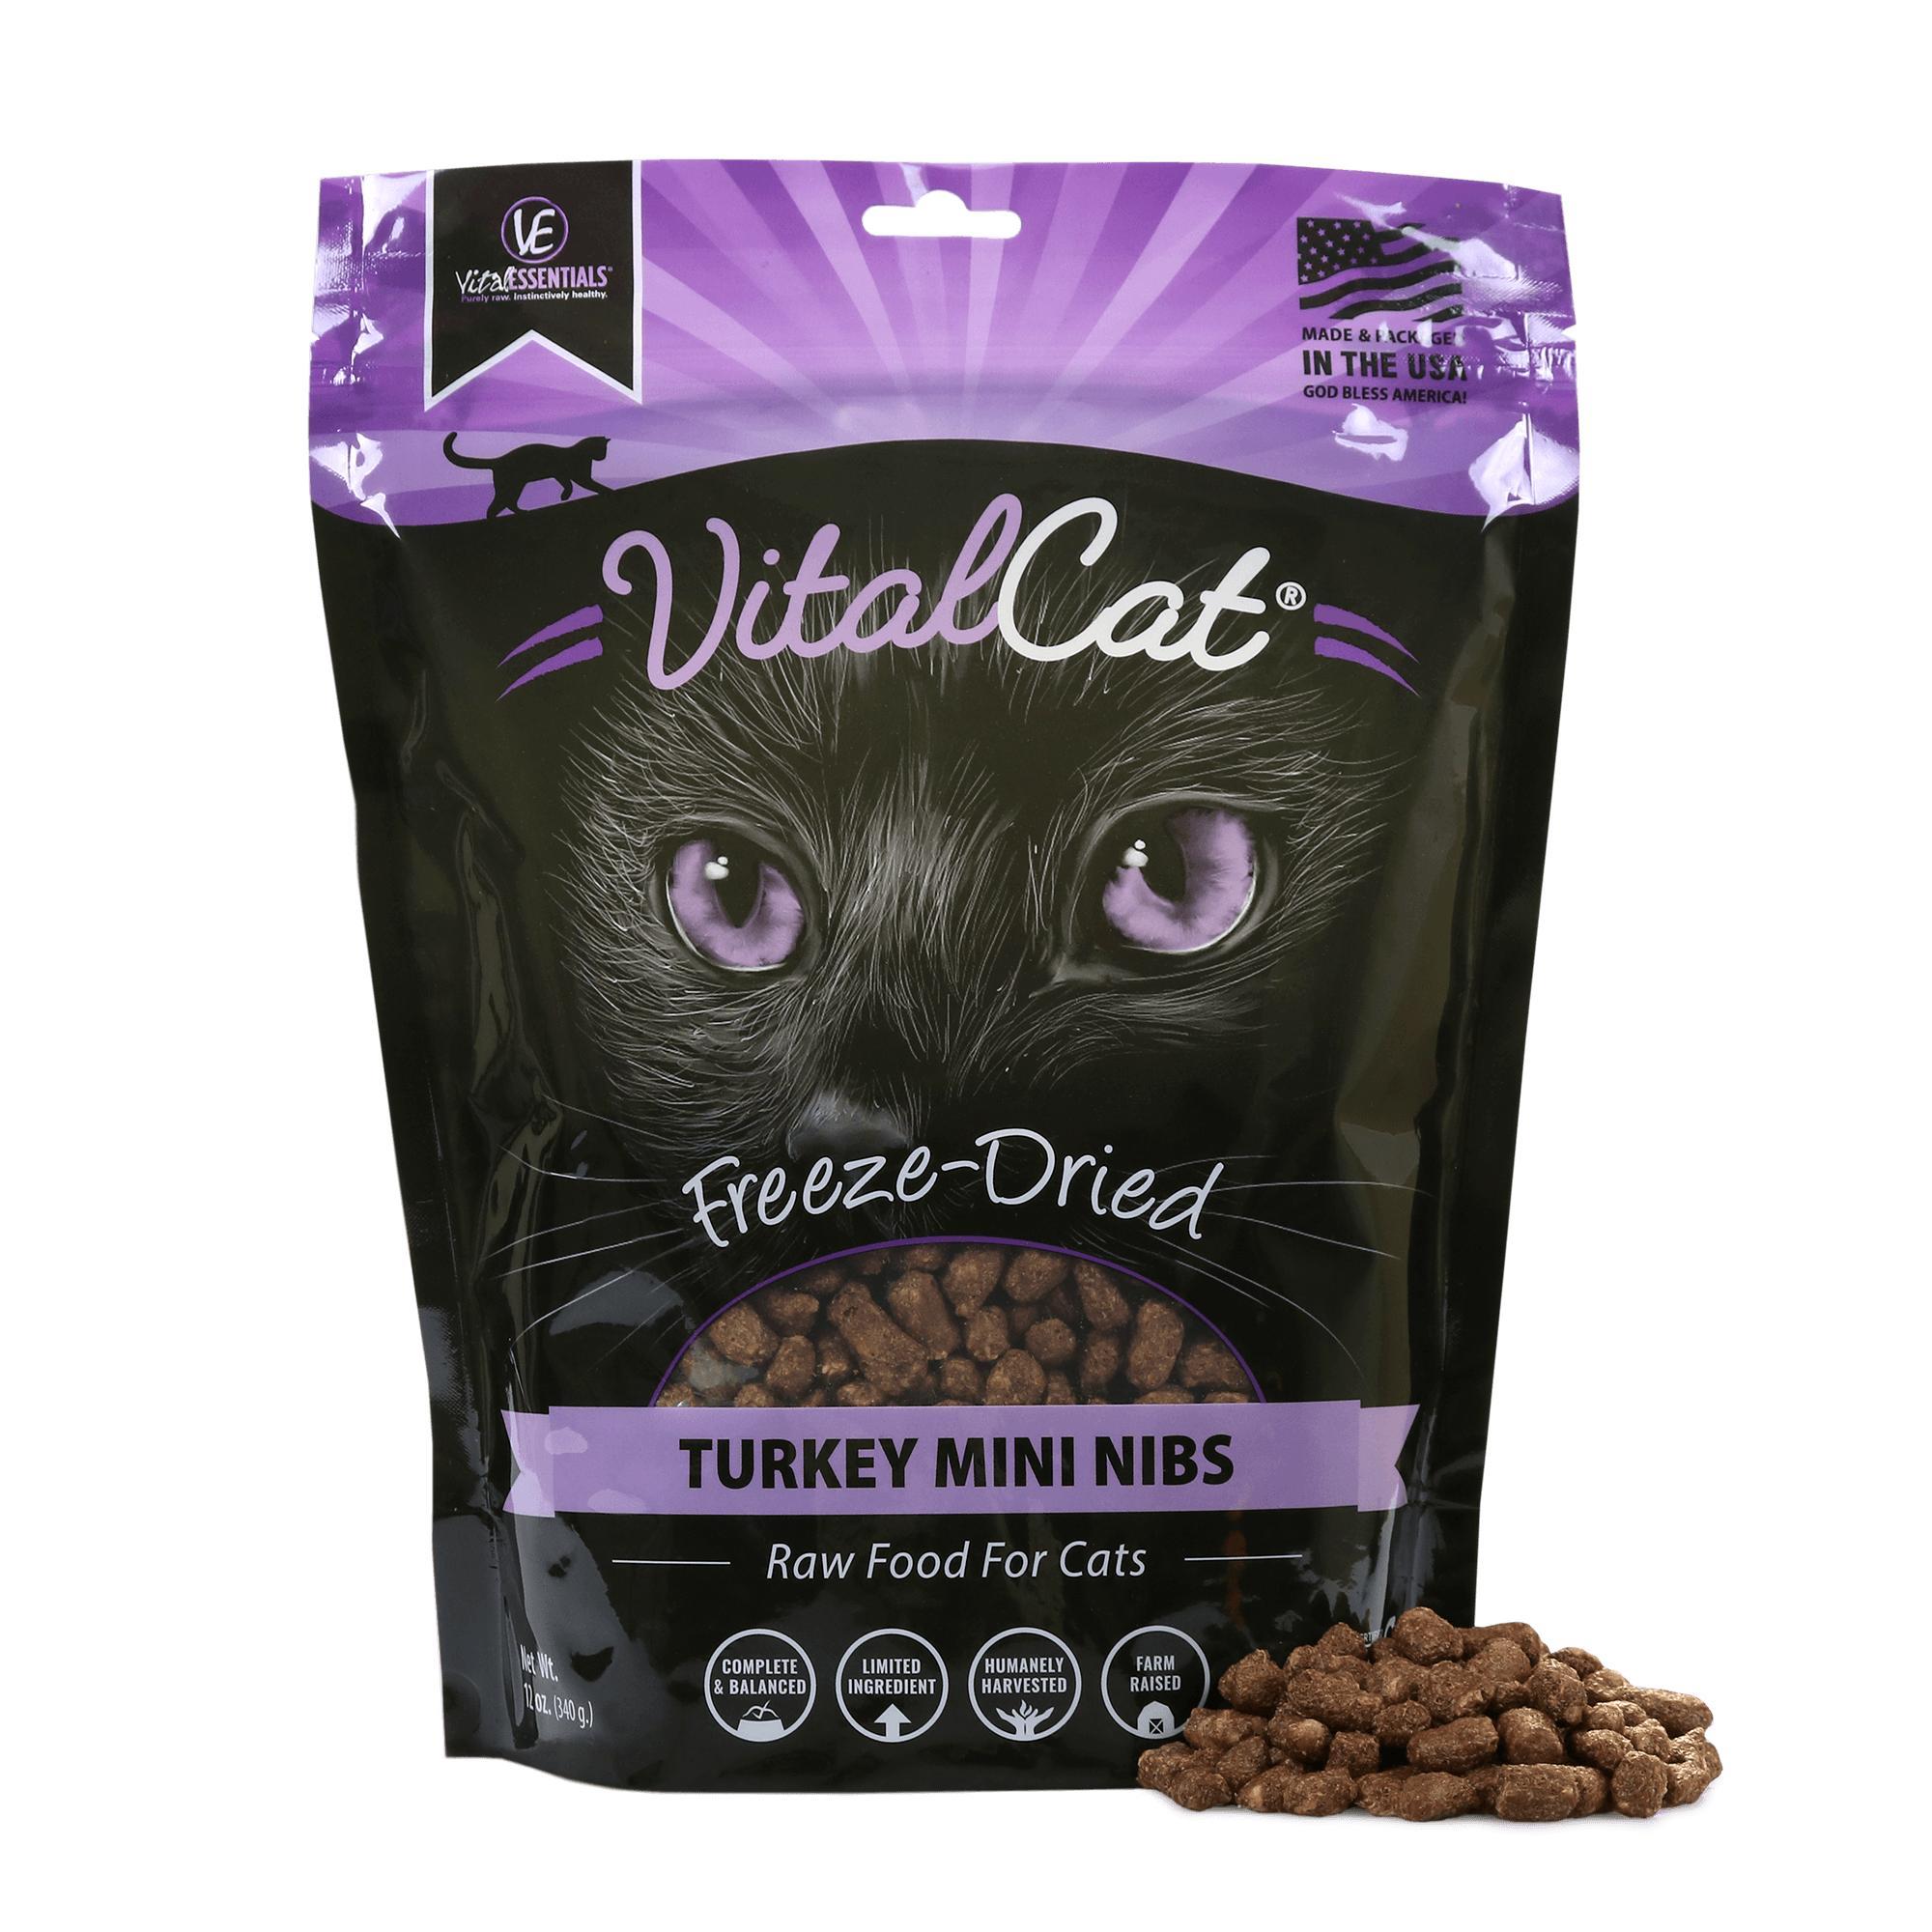 Vital Essentials Vital Cat Turkey Mini Nibs Entree Freeze-Dried Cat Food Image